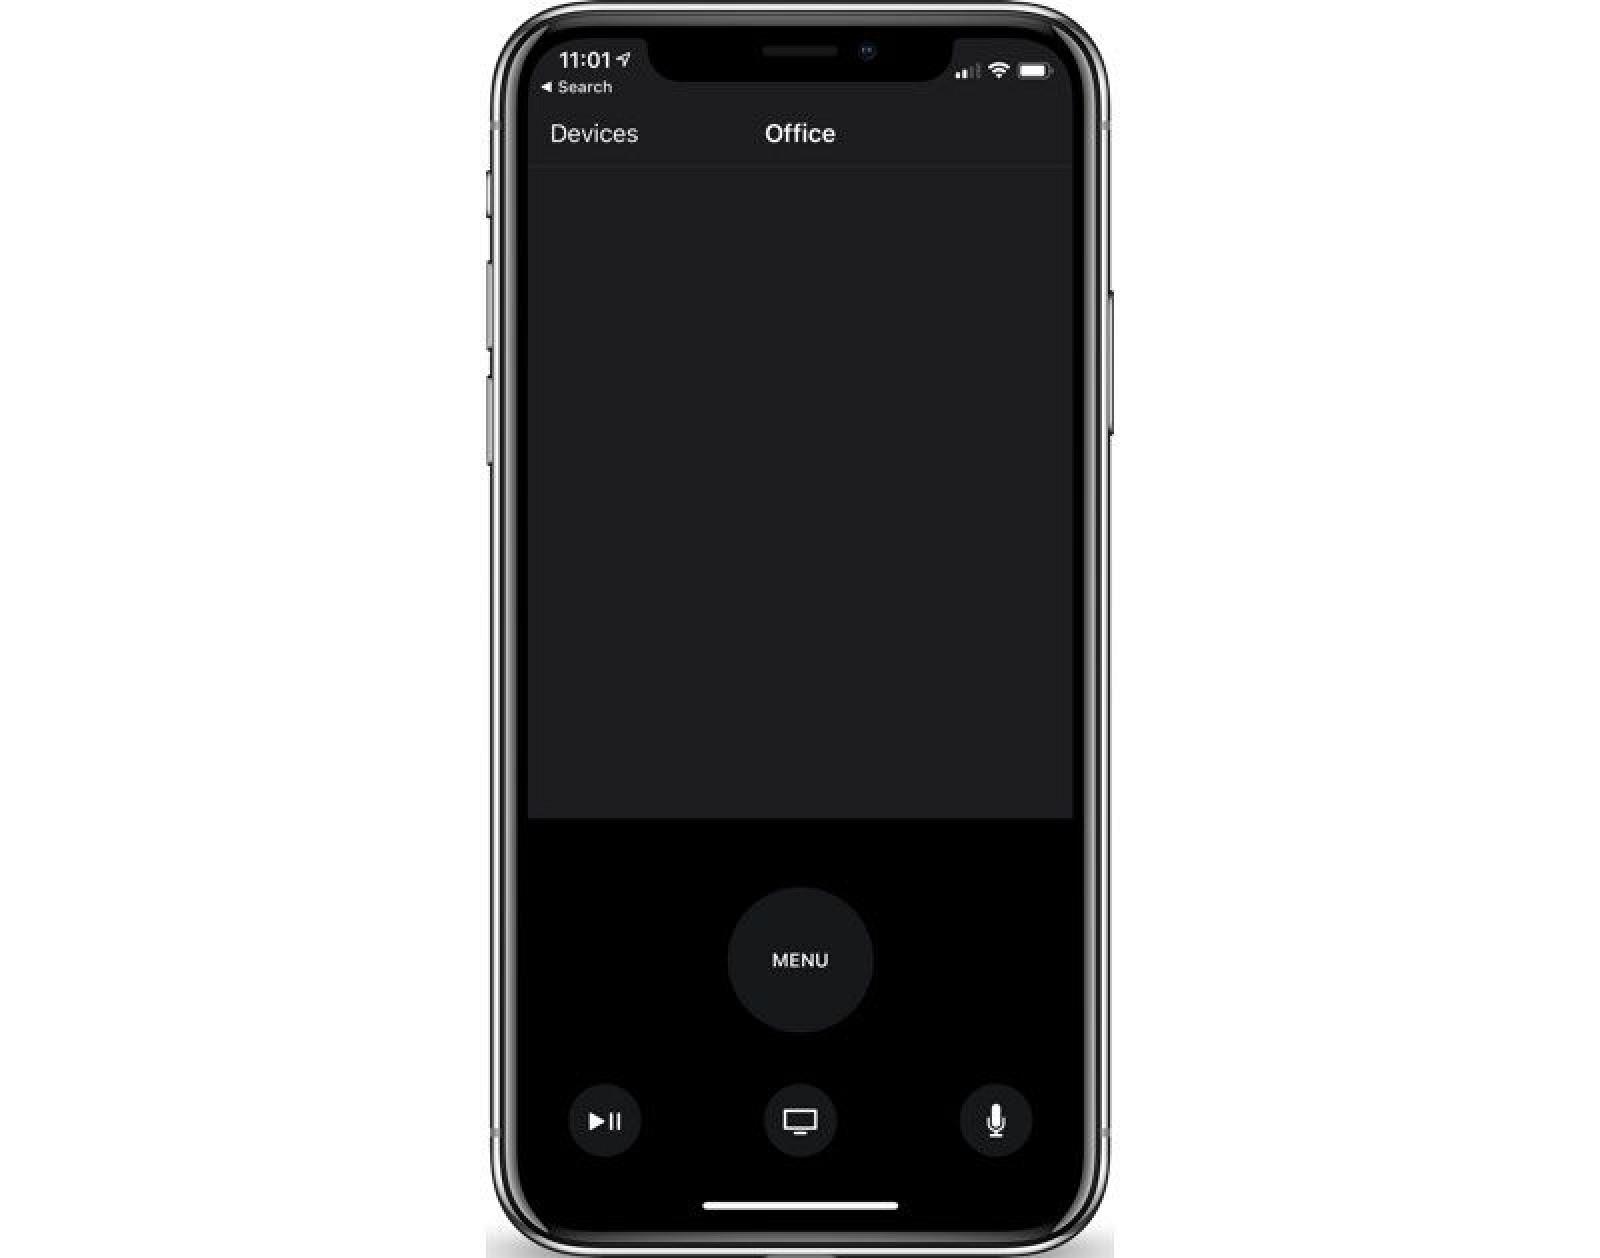 Apple TV 5.1.1, Remote 3.0 - Faq-mac